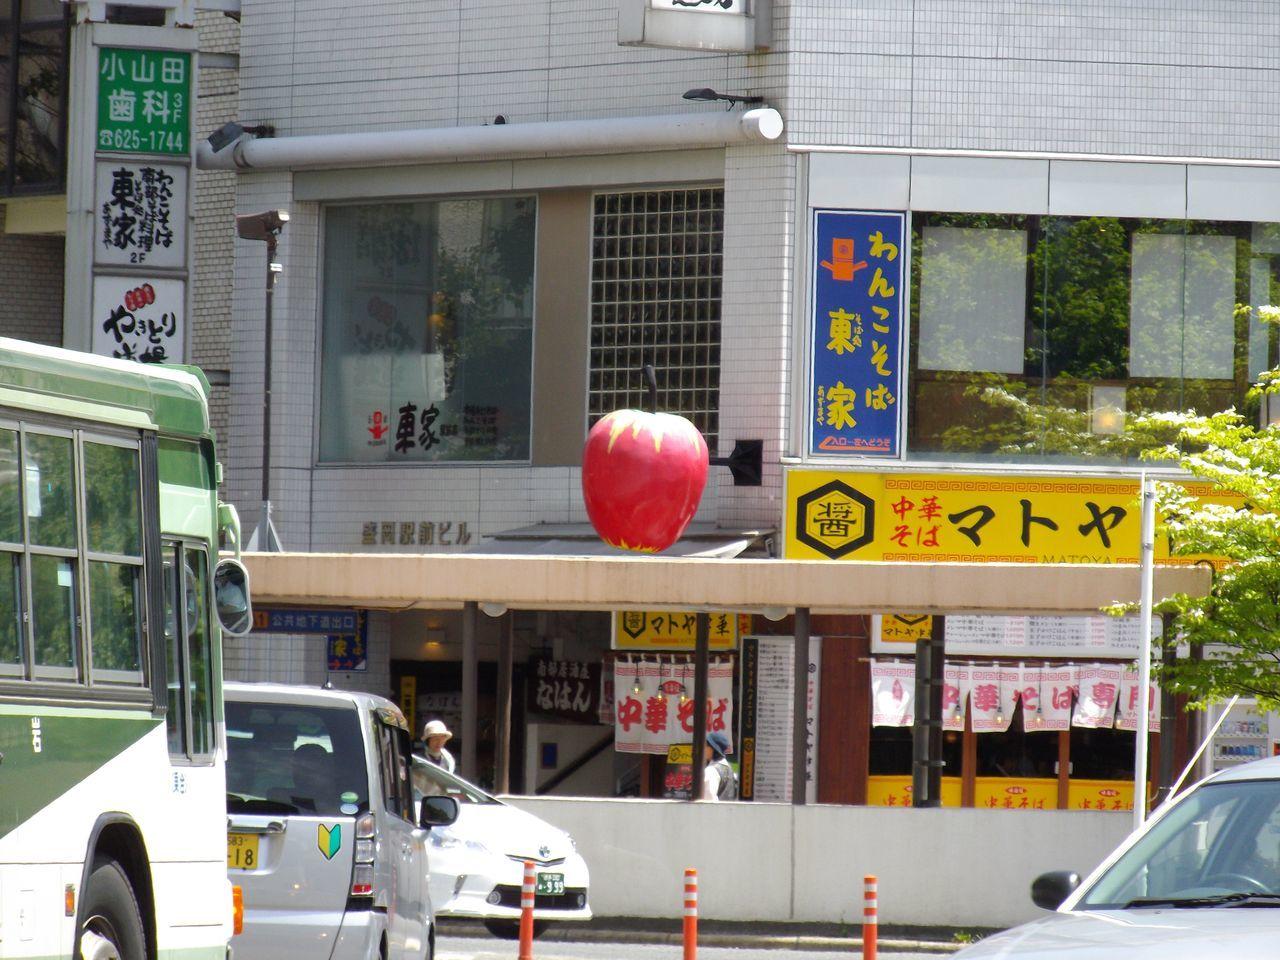 札幌へ_c0025115_22032534.jpg